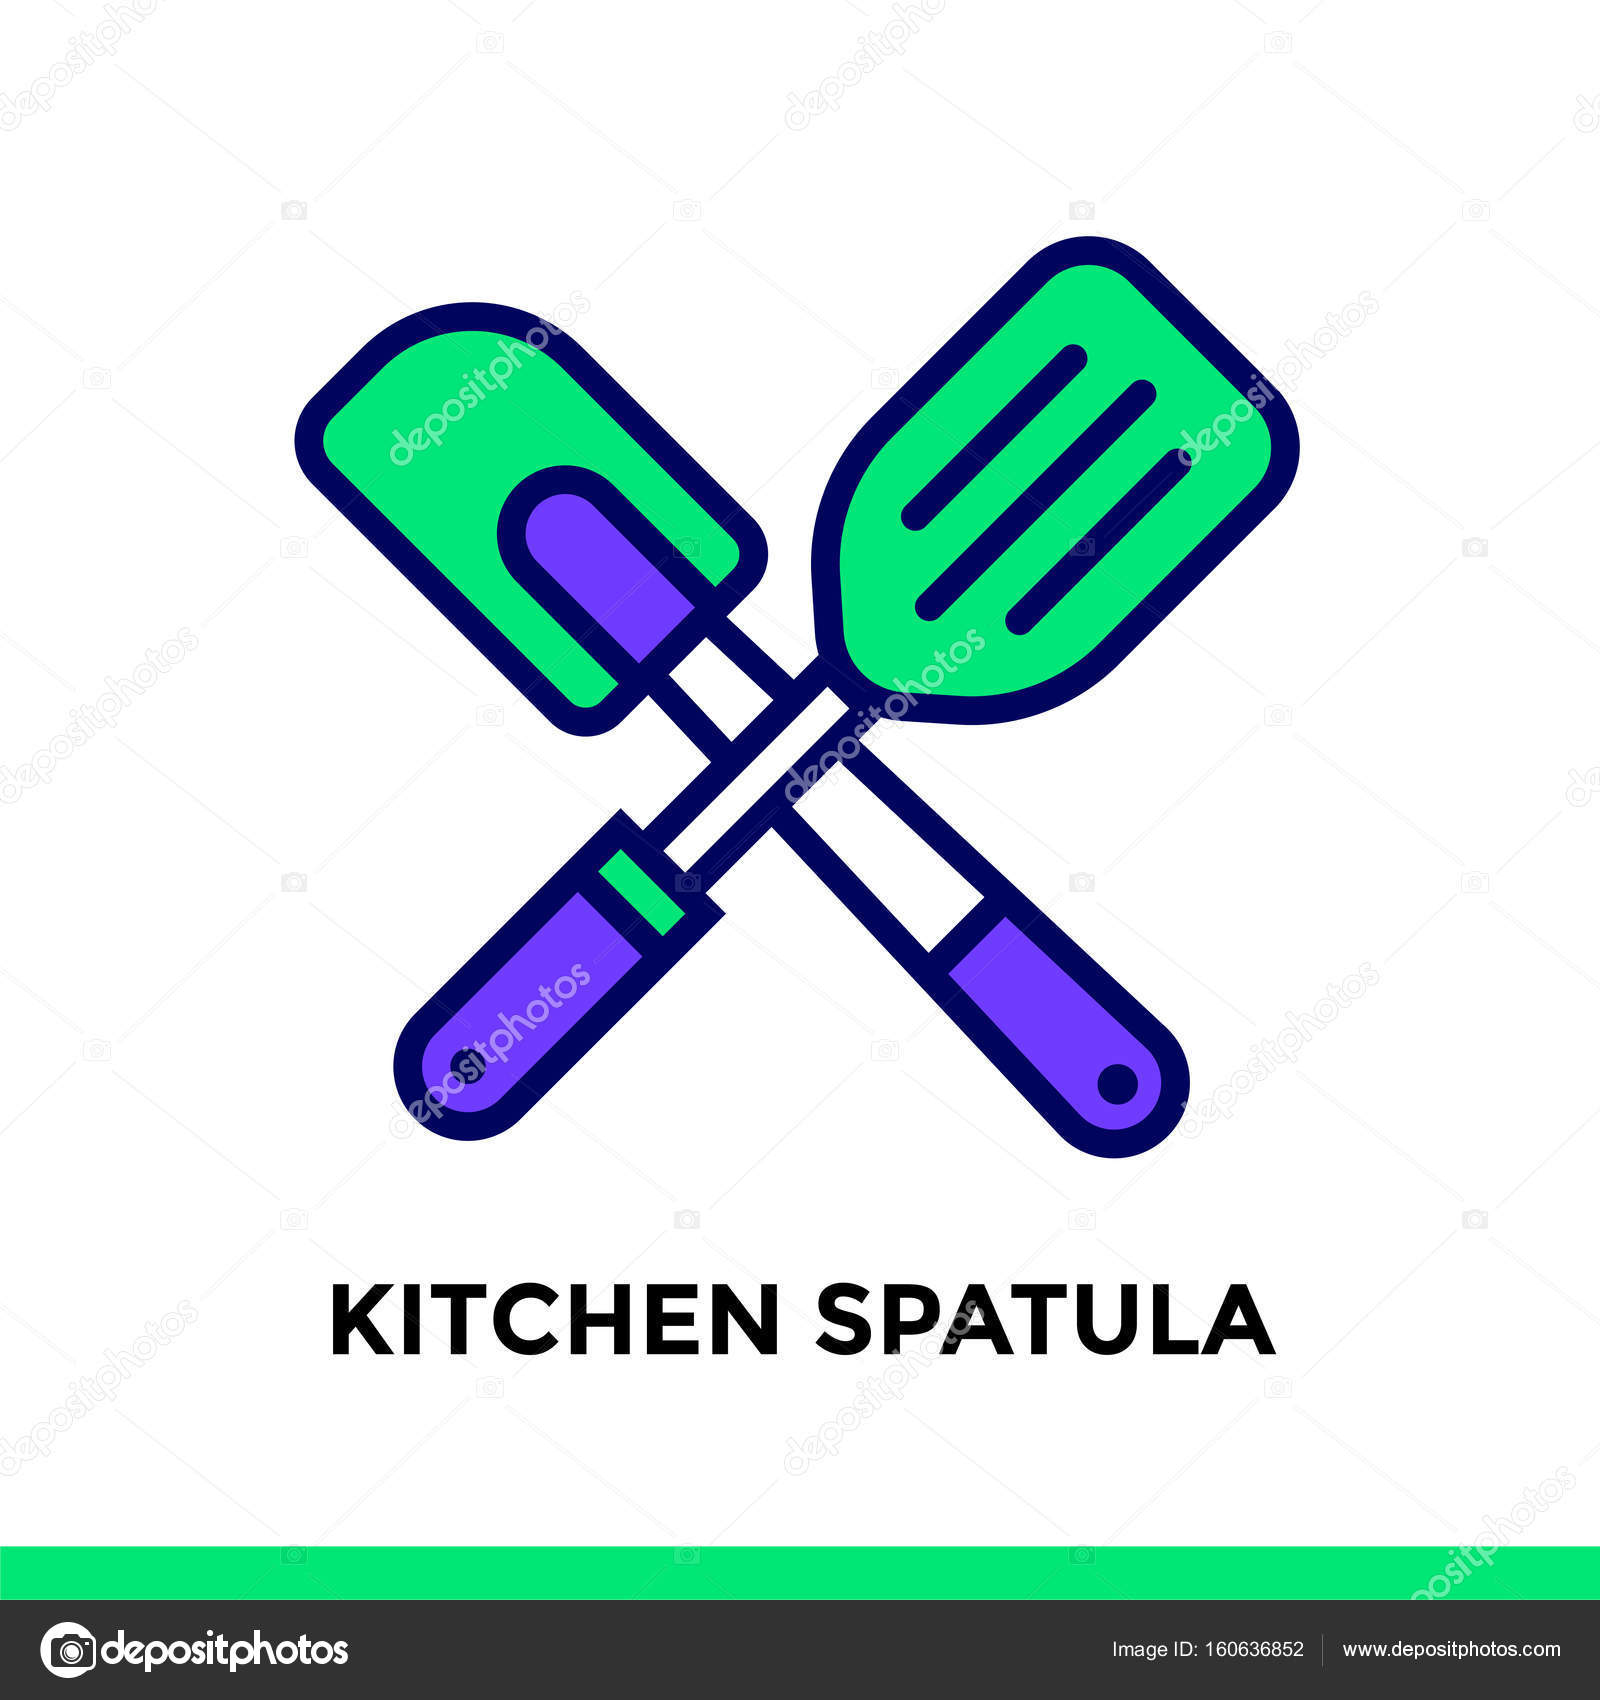 Lineare Symbol Küche Spatel aus Bäckerei, kochen. Piktogramm in ...